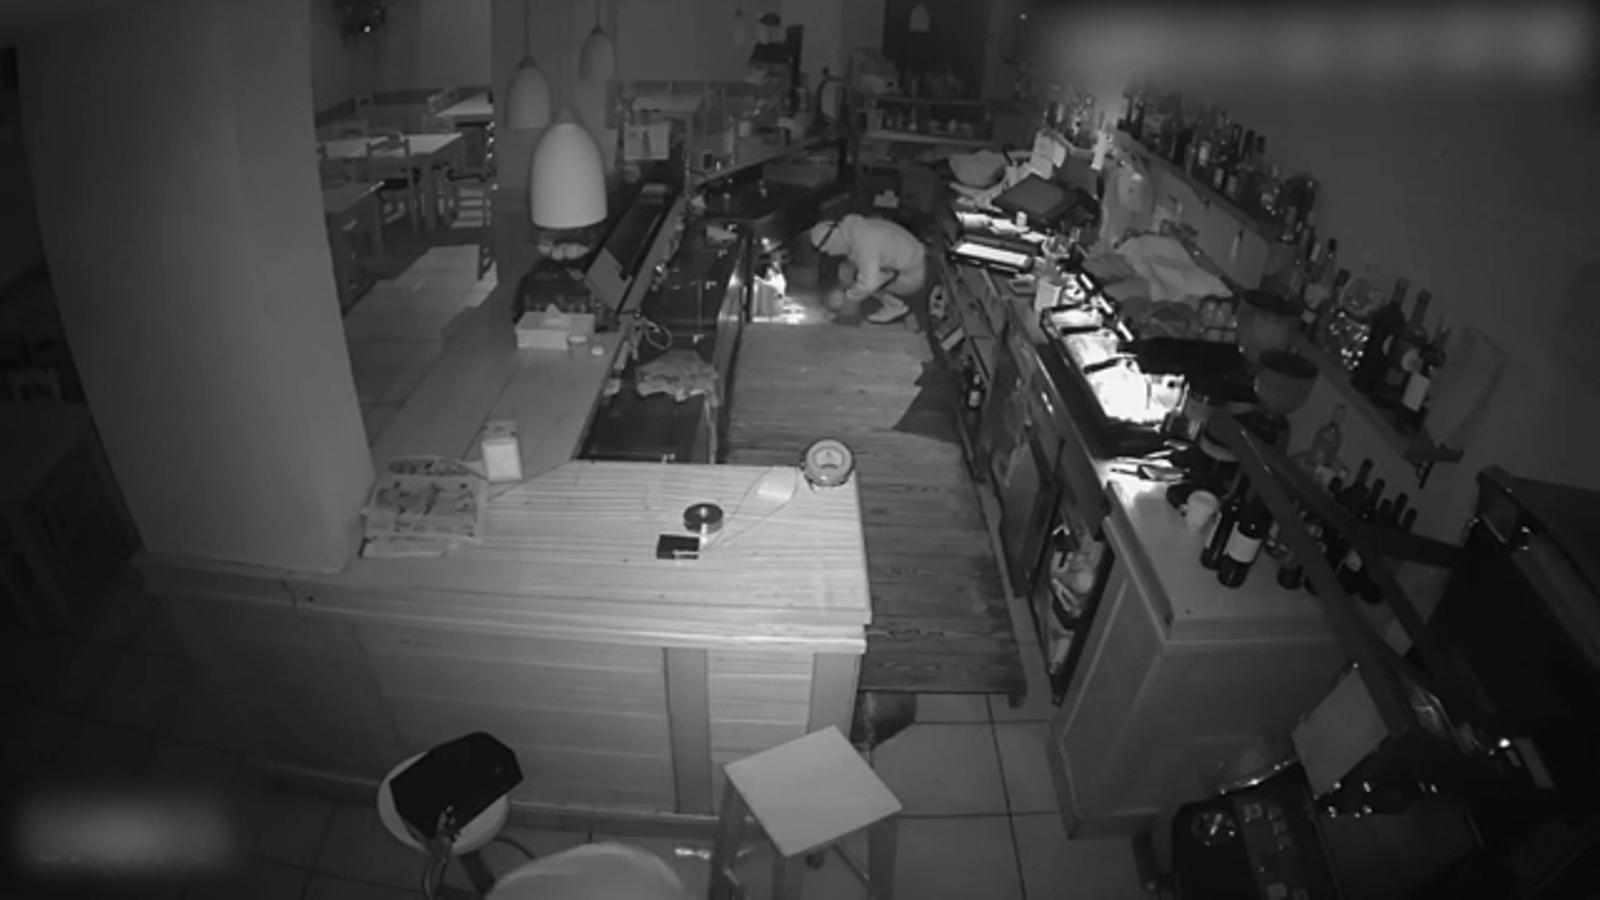 Les imatges del robatori